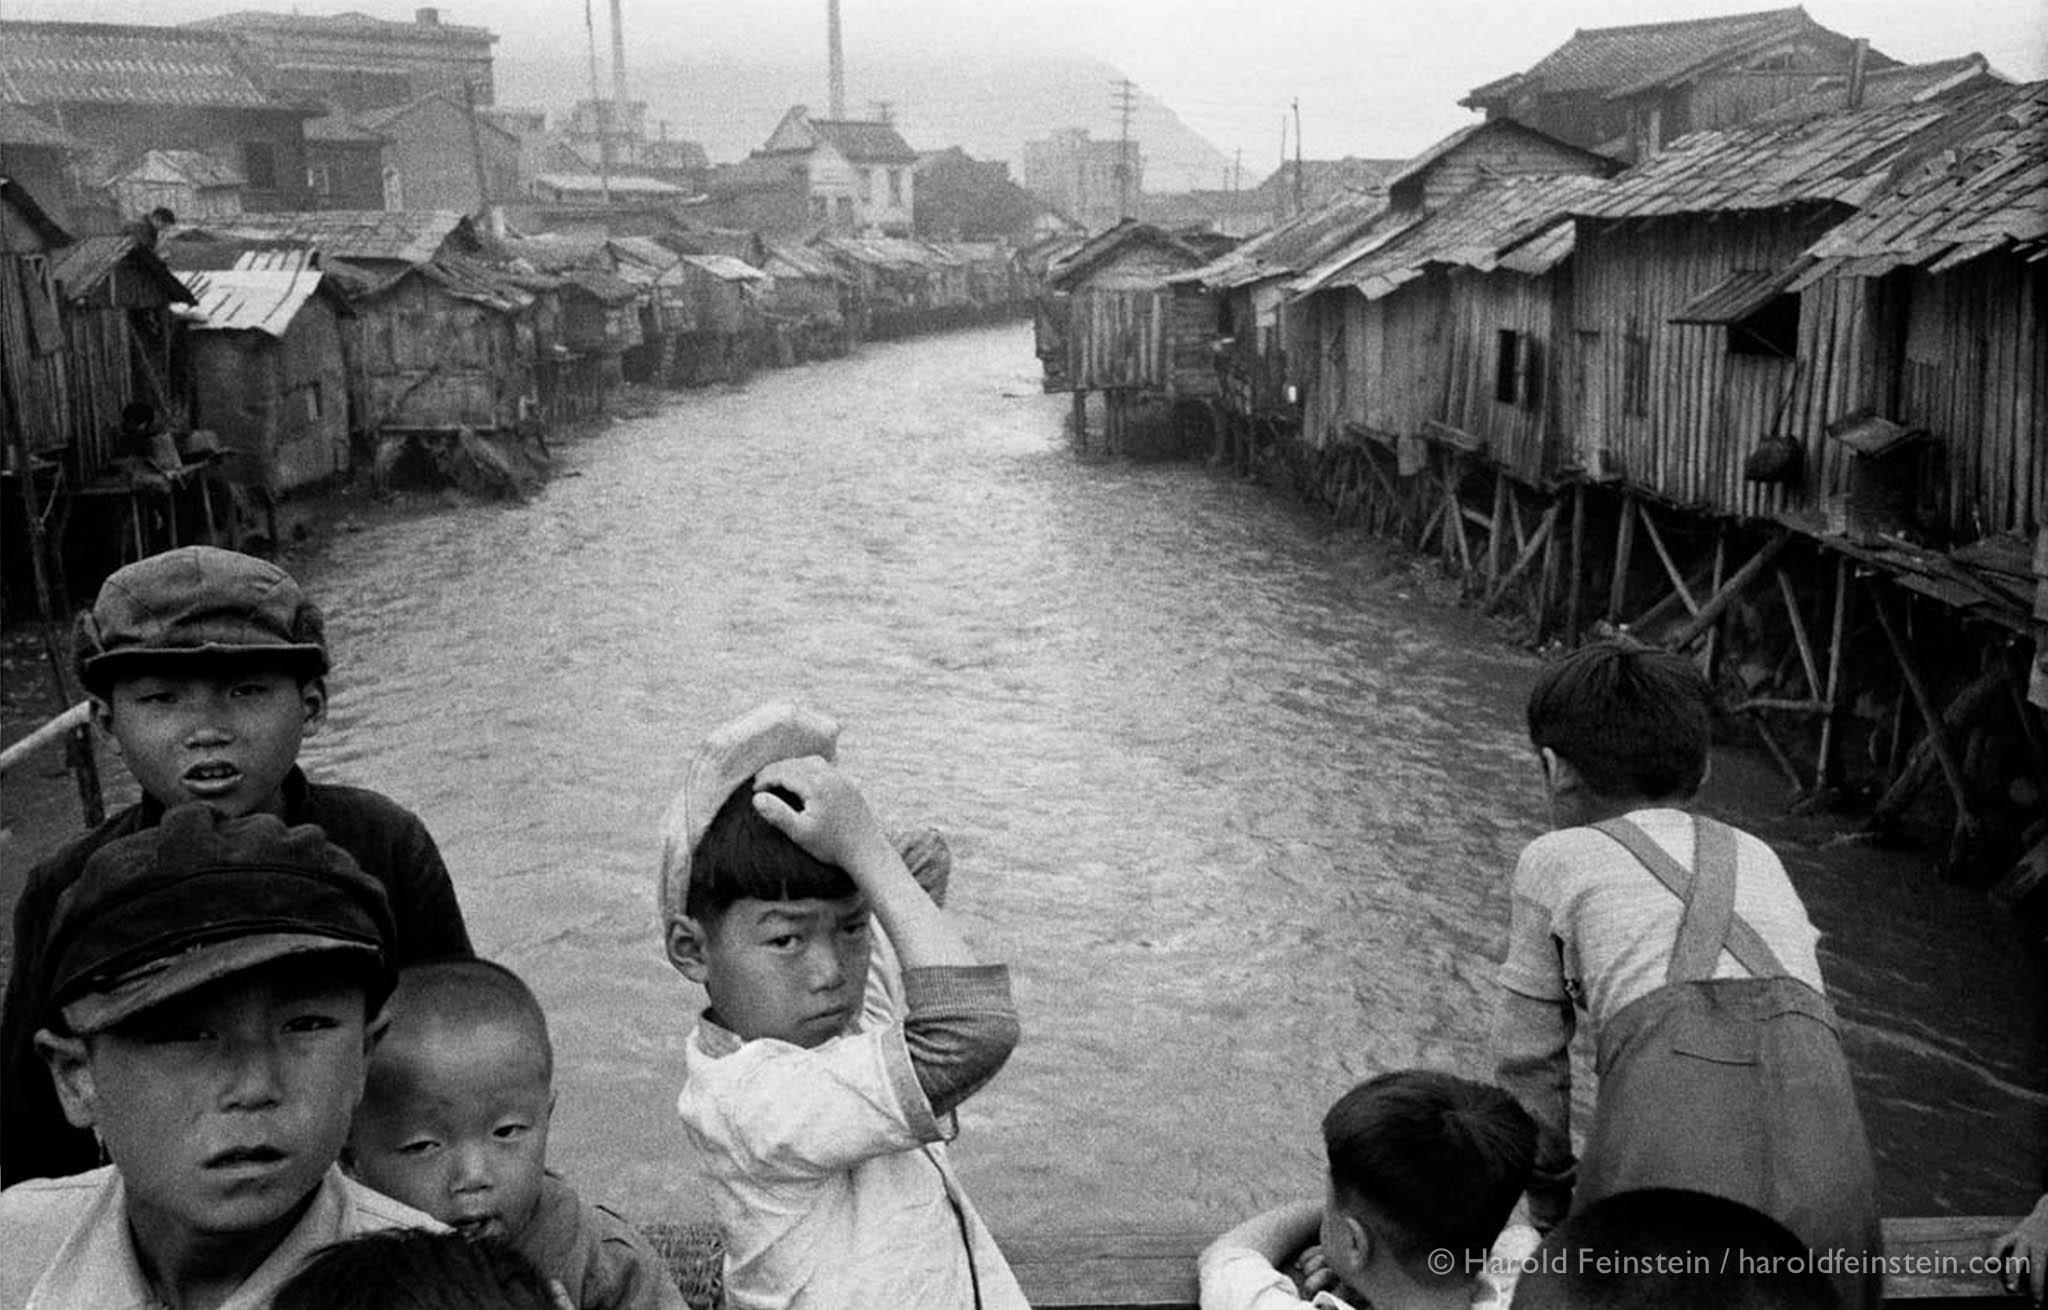 Korean Children at bridge, Pusan, 1952